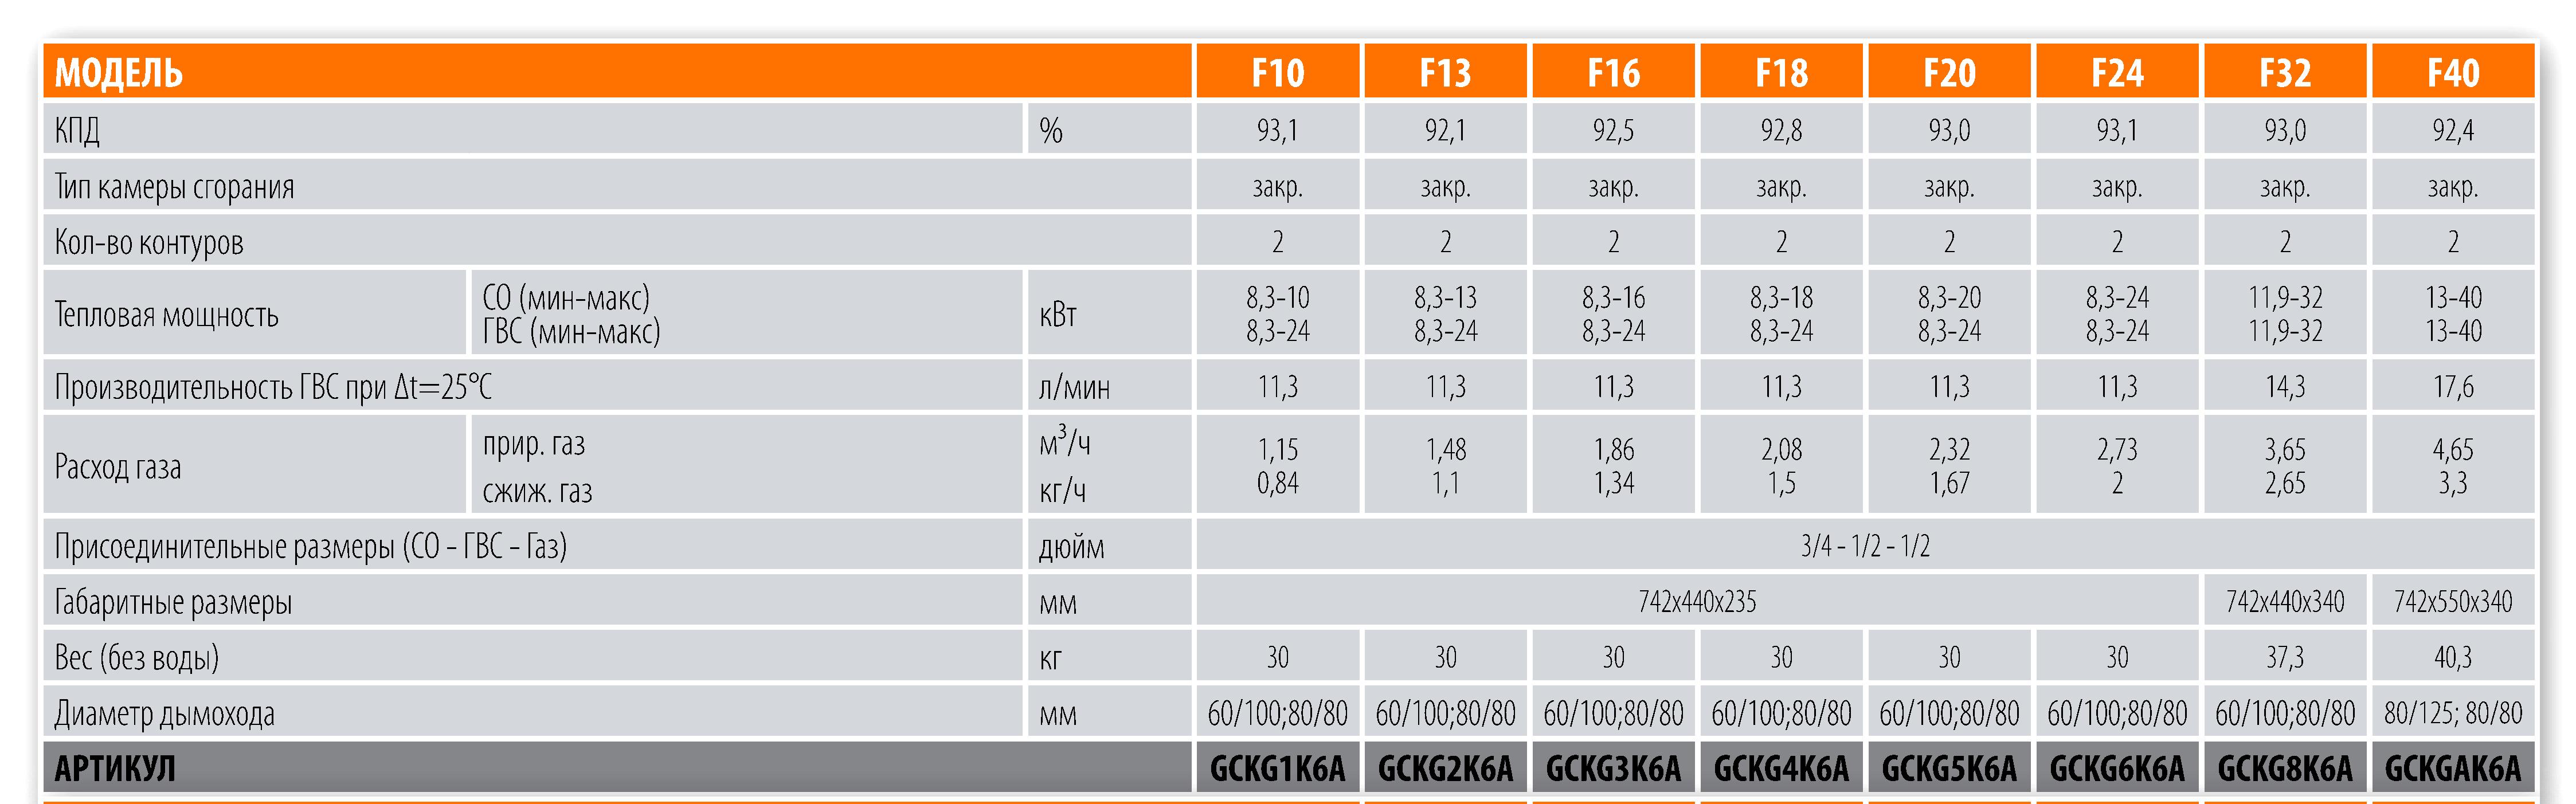 Таблица с параметрами газовых котлов Ferroli Fortuna